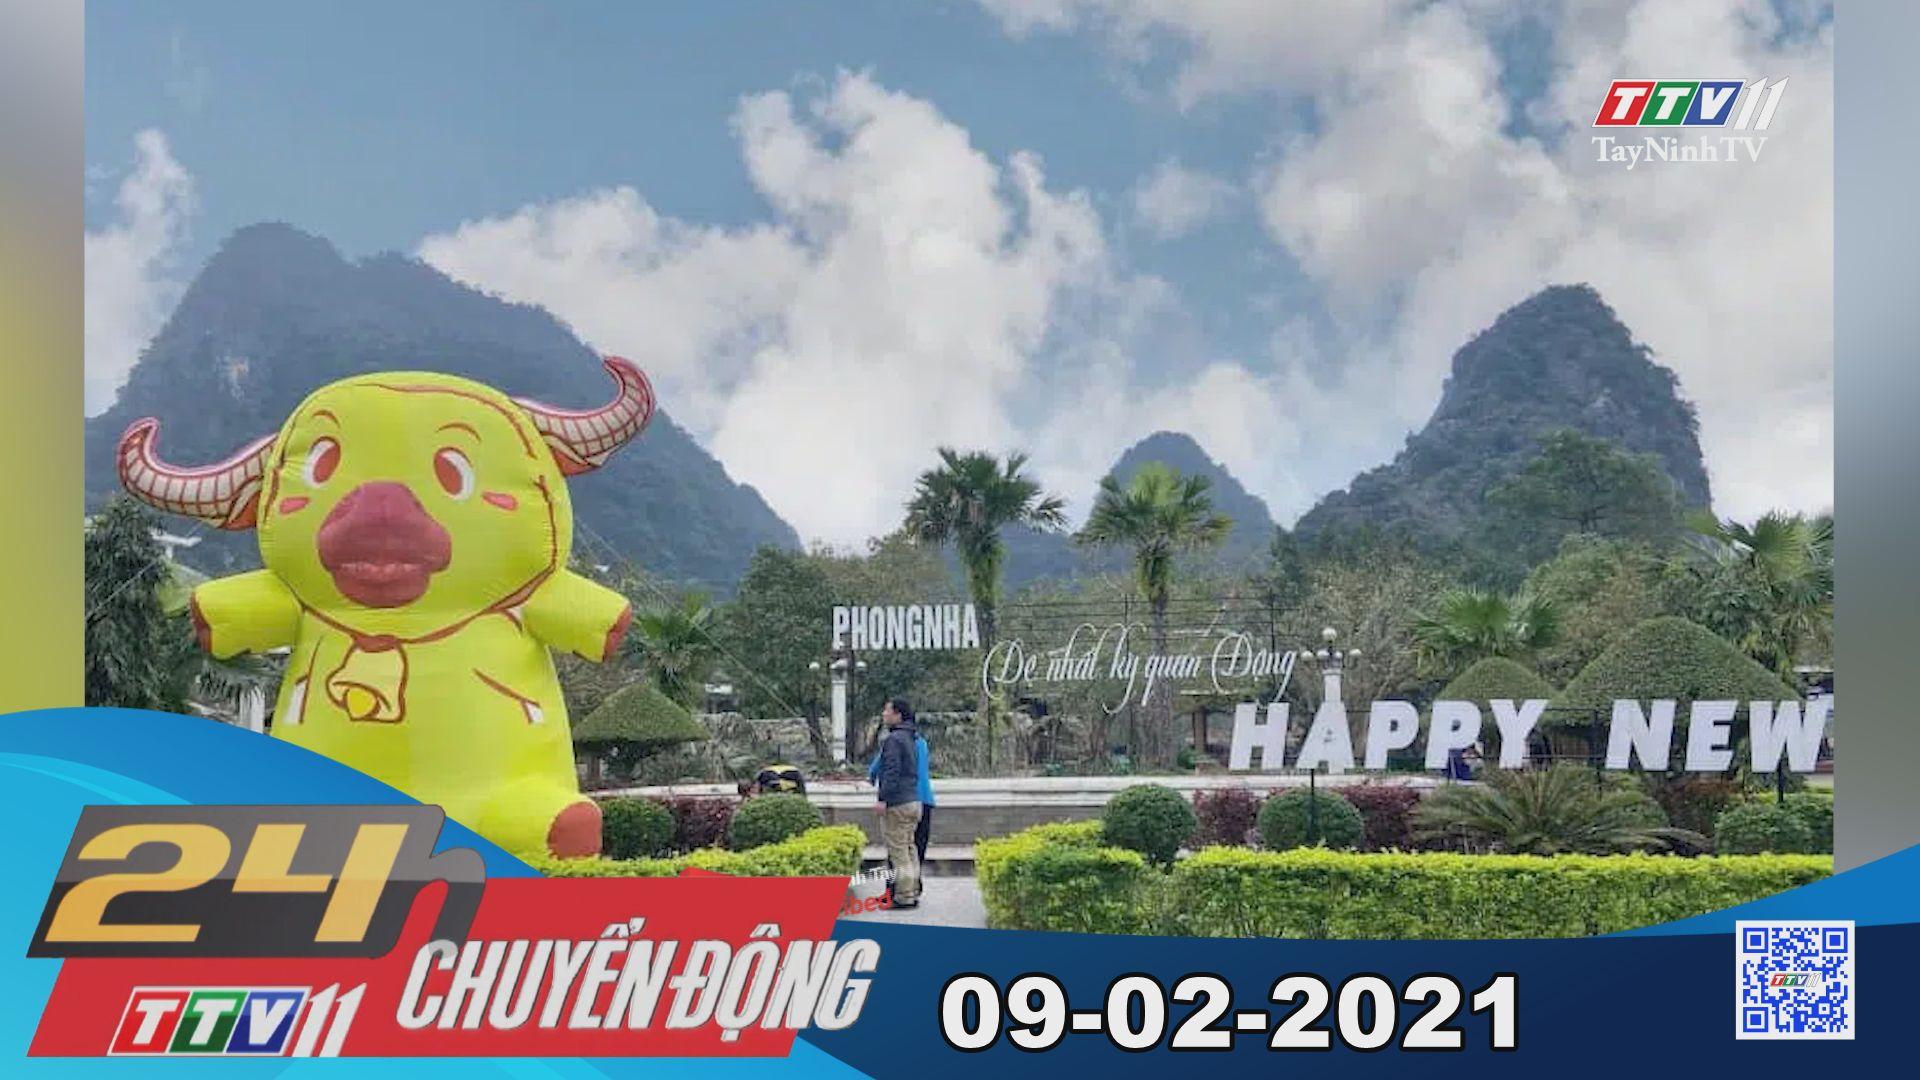 24h Chuyển động 09-02-2021   Tin tức hôm nay   TayNinhTV